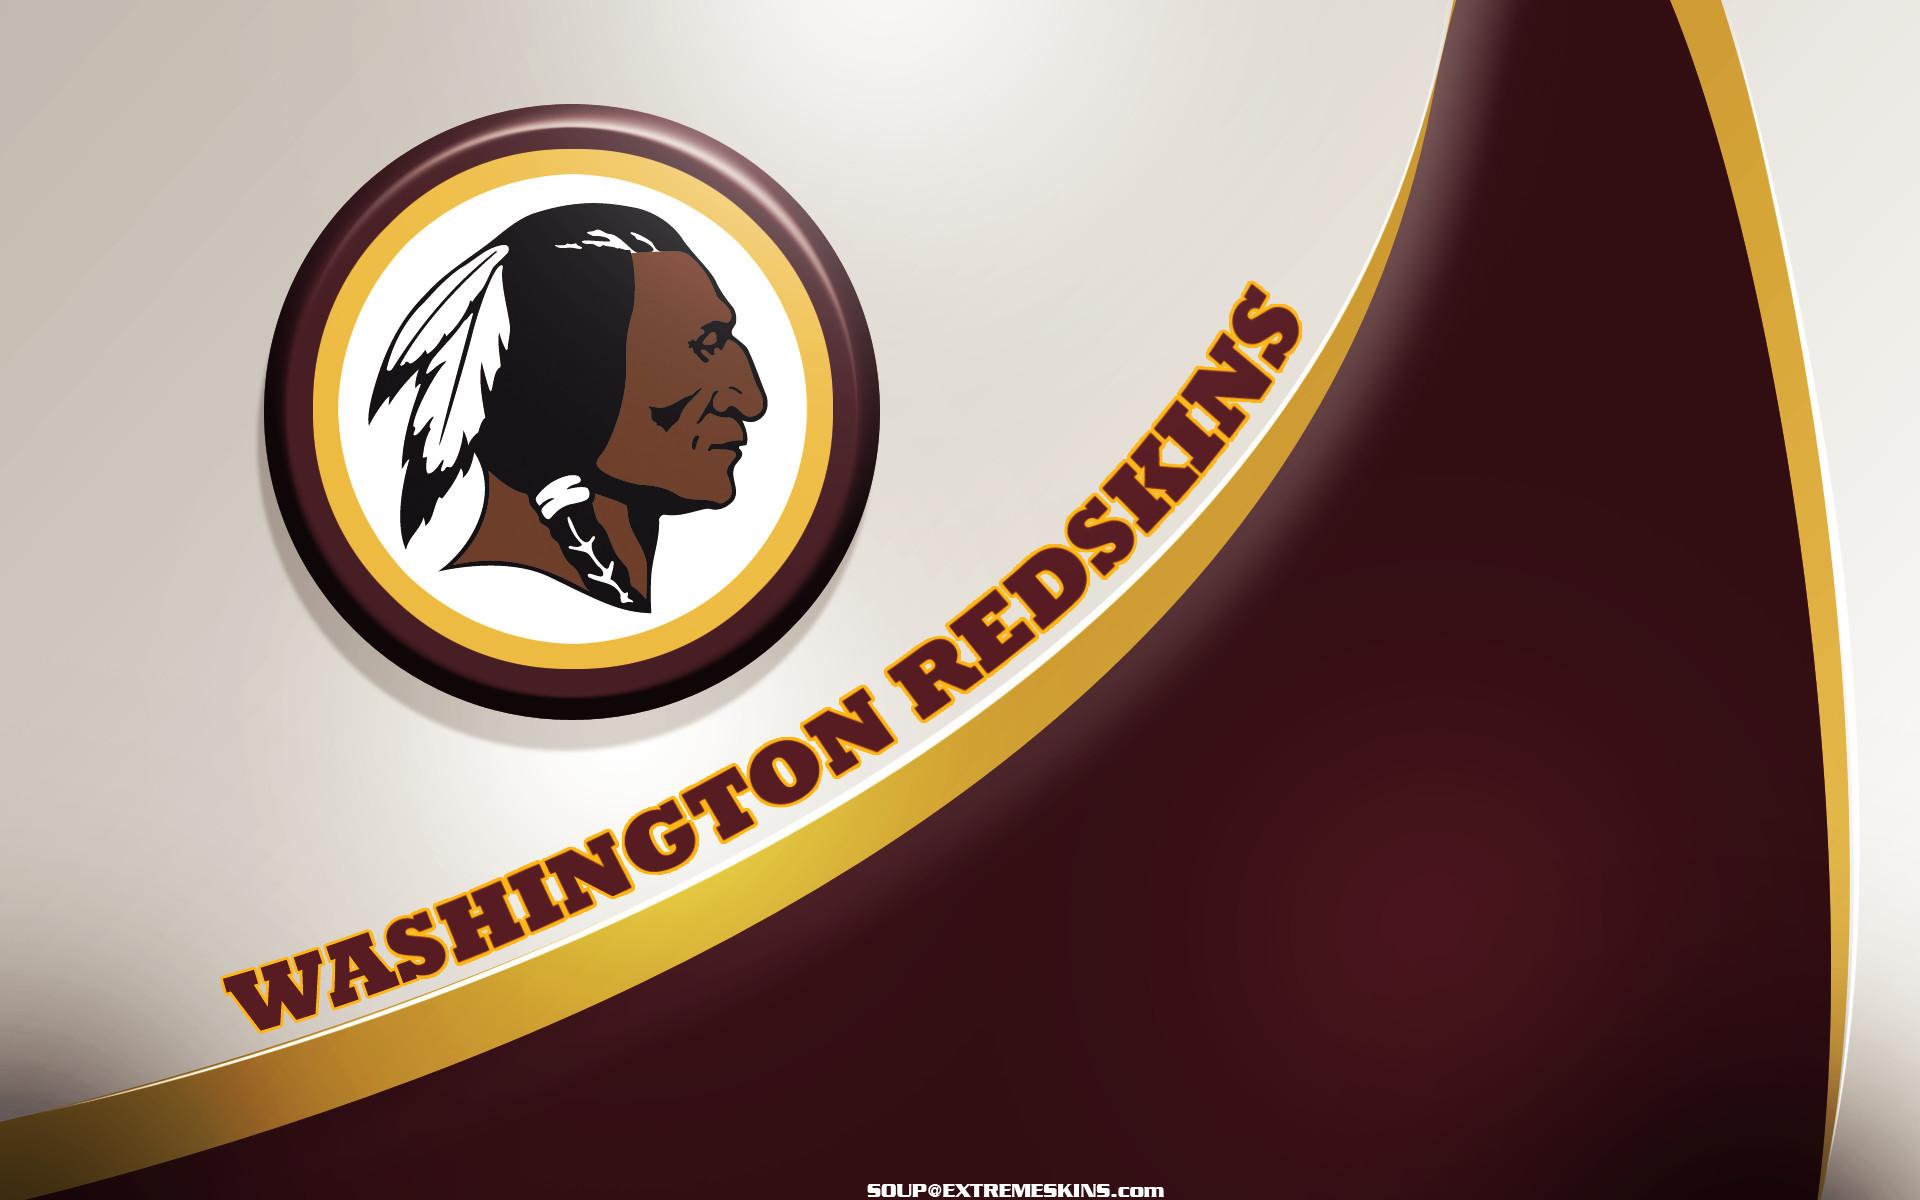 Washington Redskins wallpaper ever?? | Washington Redskins wallpapers .